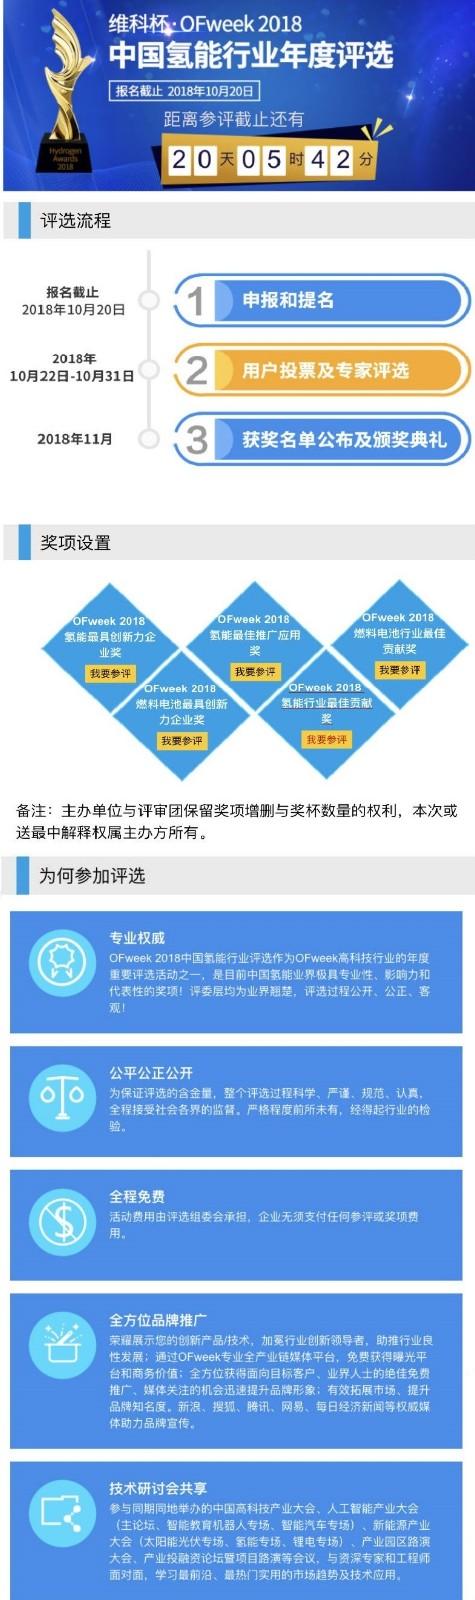 维科杯·OFweek 2018中国氢能行业年度评选火热进行中